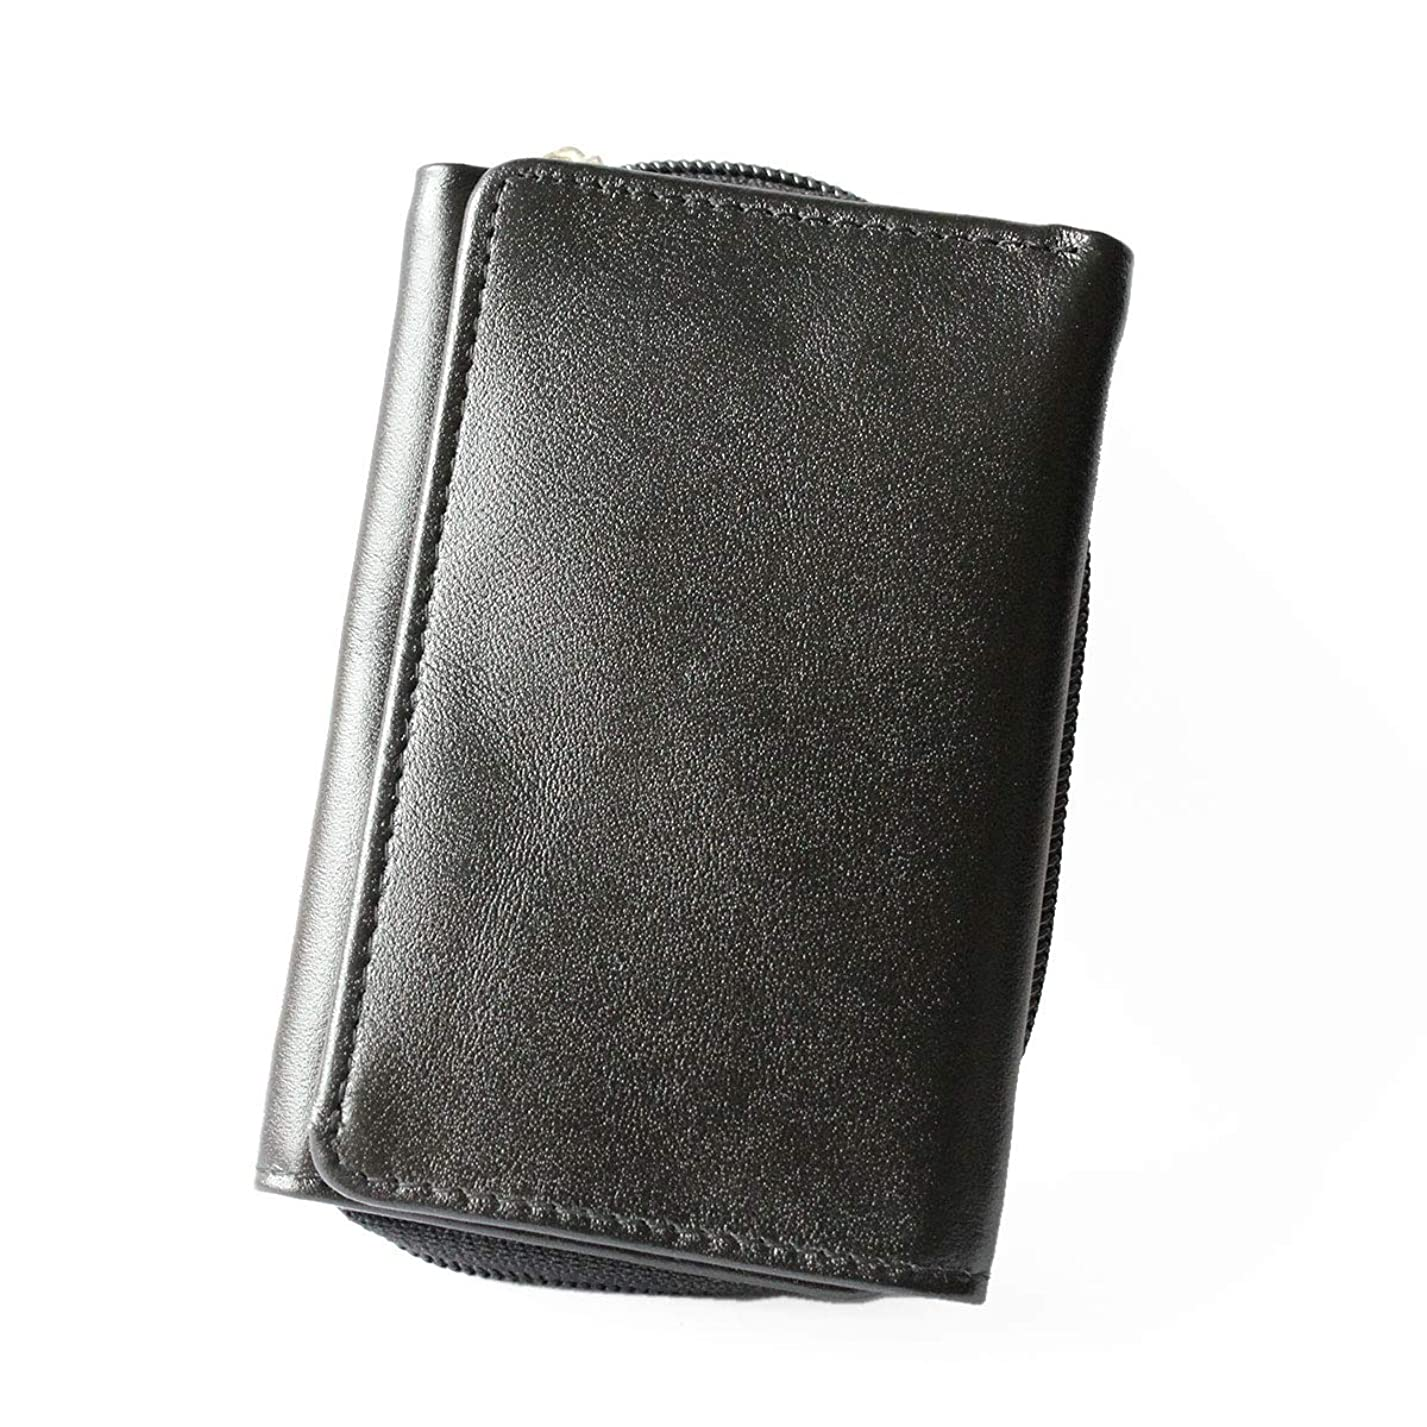 マインドフル湿気の多い療法レザーウォレット 財布 本革 スムースレザー 3つ折り ラウンドファスナー 小銭入れ